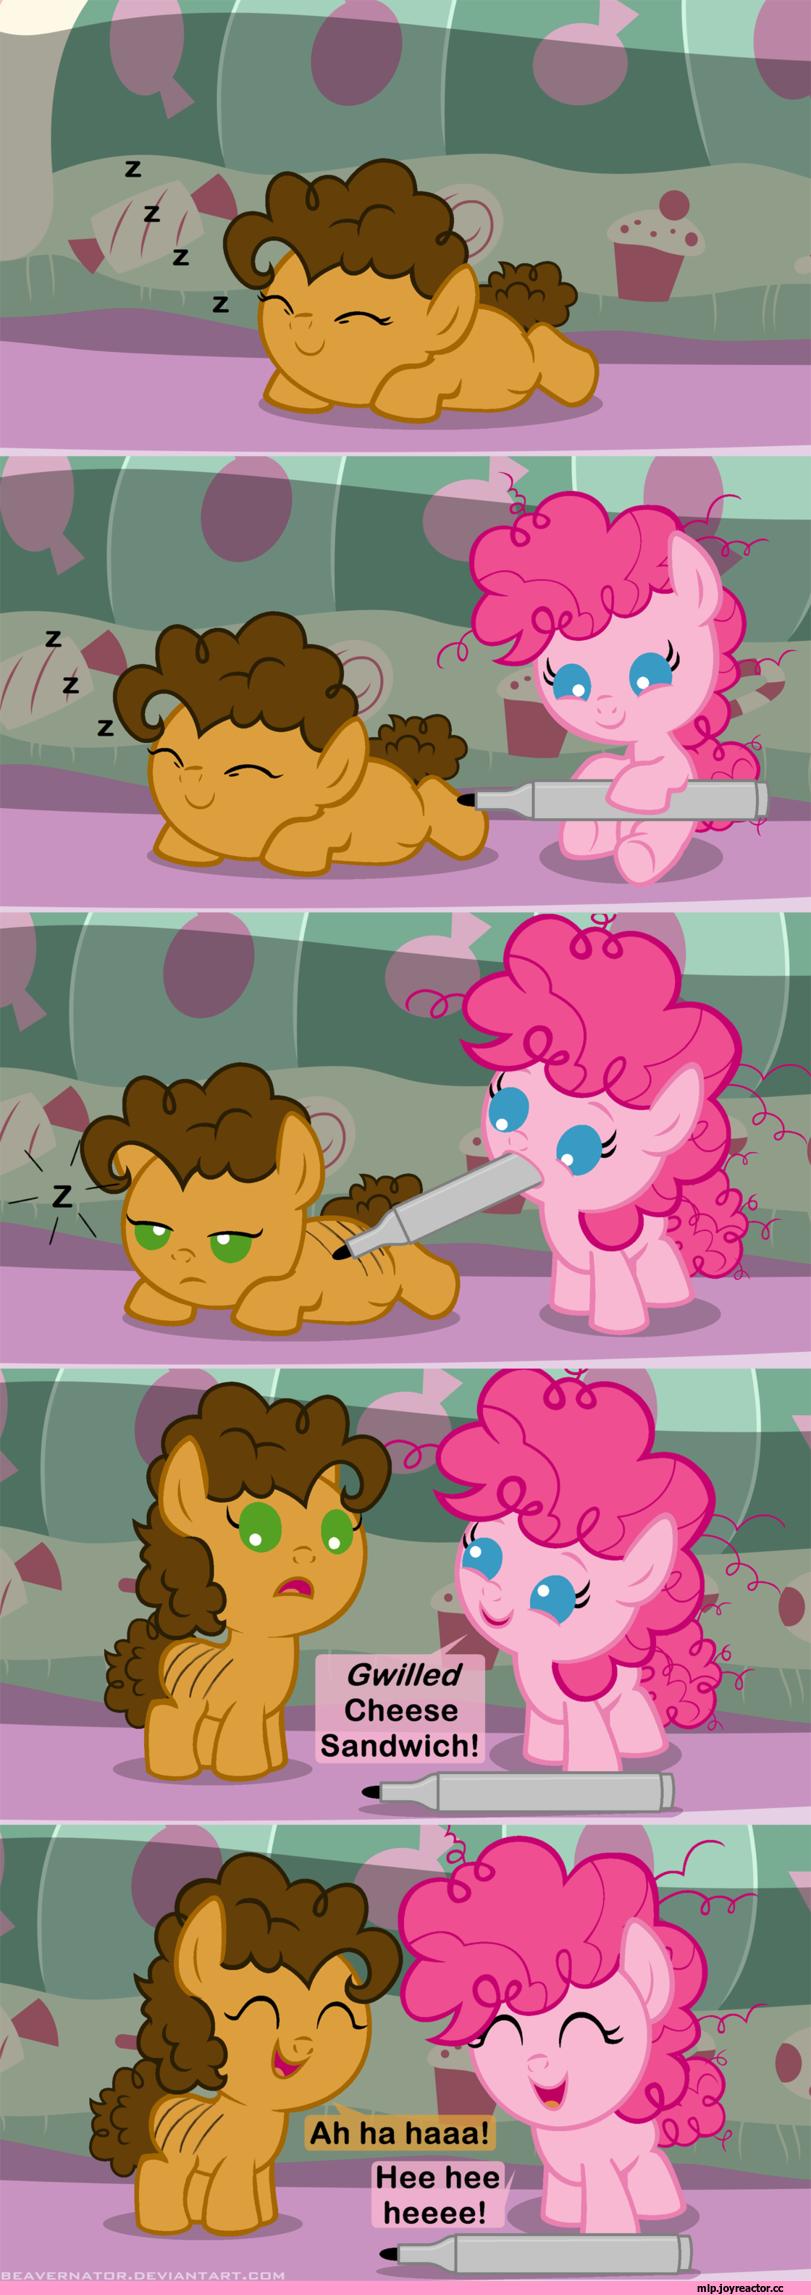 Pinkie Pie,Cheese Sandwich